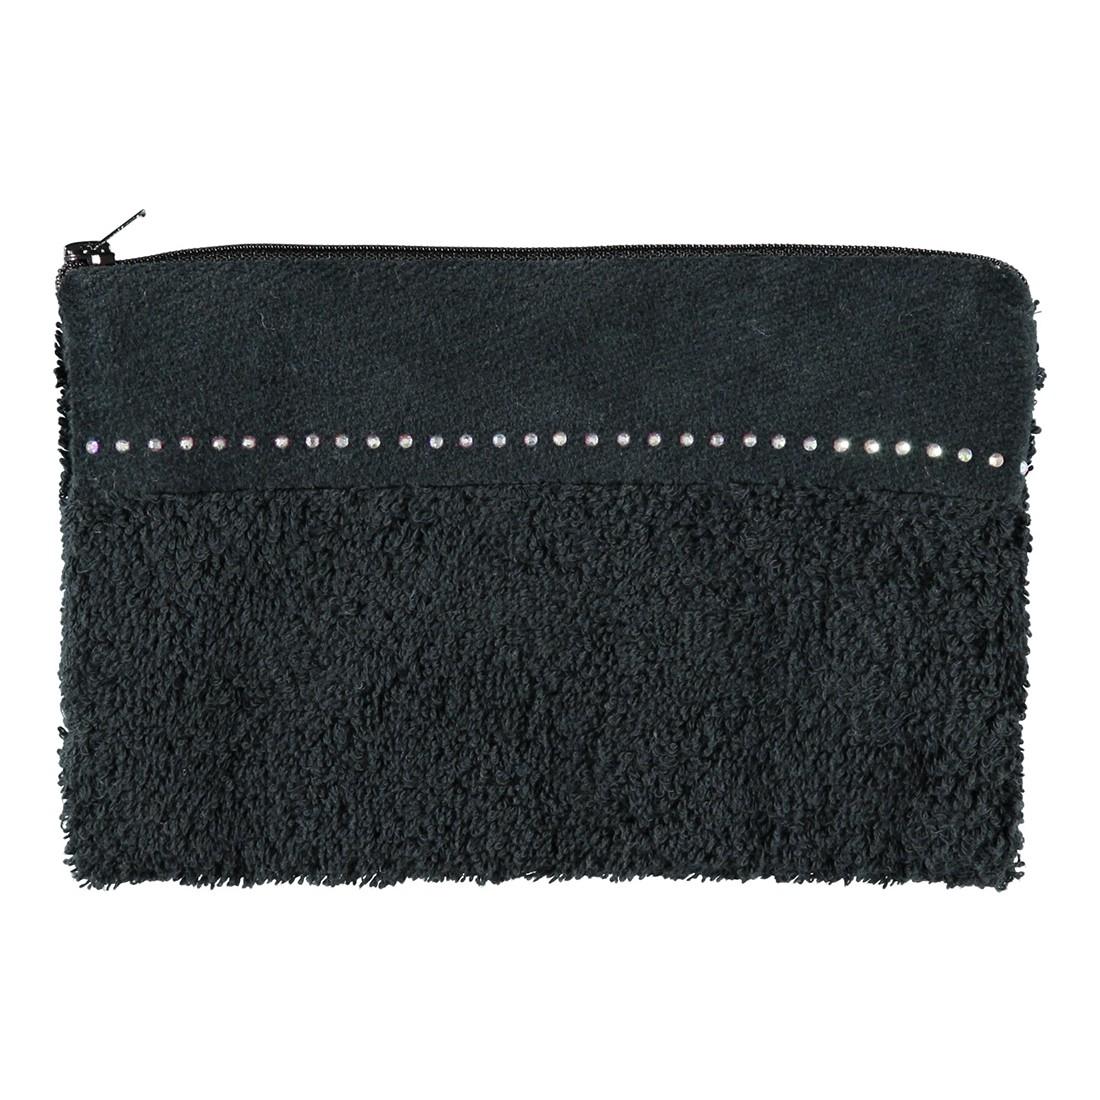 Kulturtasche Swarovski – 100% Baumwolle black – 199, Möve bestellen